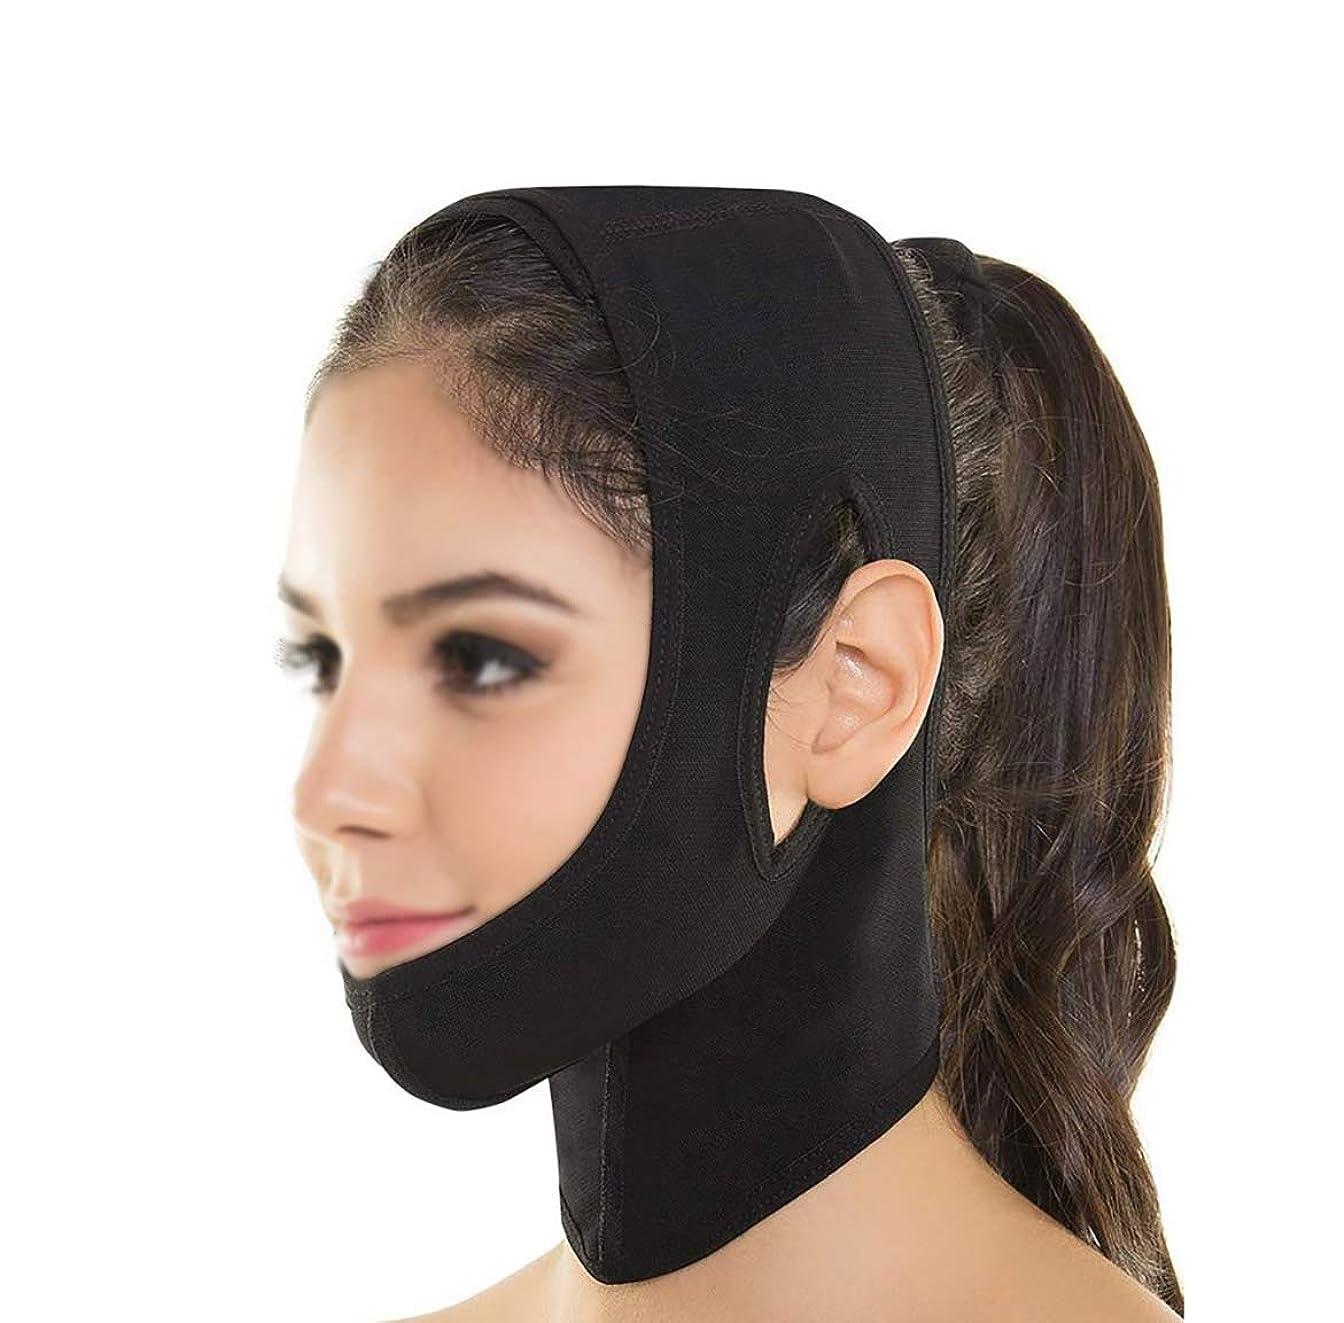 低下問題最もGLJJQMY フェイシャルリフティングマスクシリコンVマスクリフティングマスクシンフェイスアーティファクトリフティングダブルチン術後包帯フェイシャル&ネックリフティング 顔用整形マスク (Color : Black)